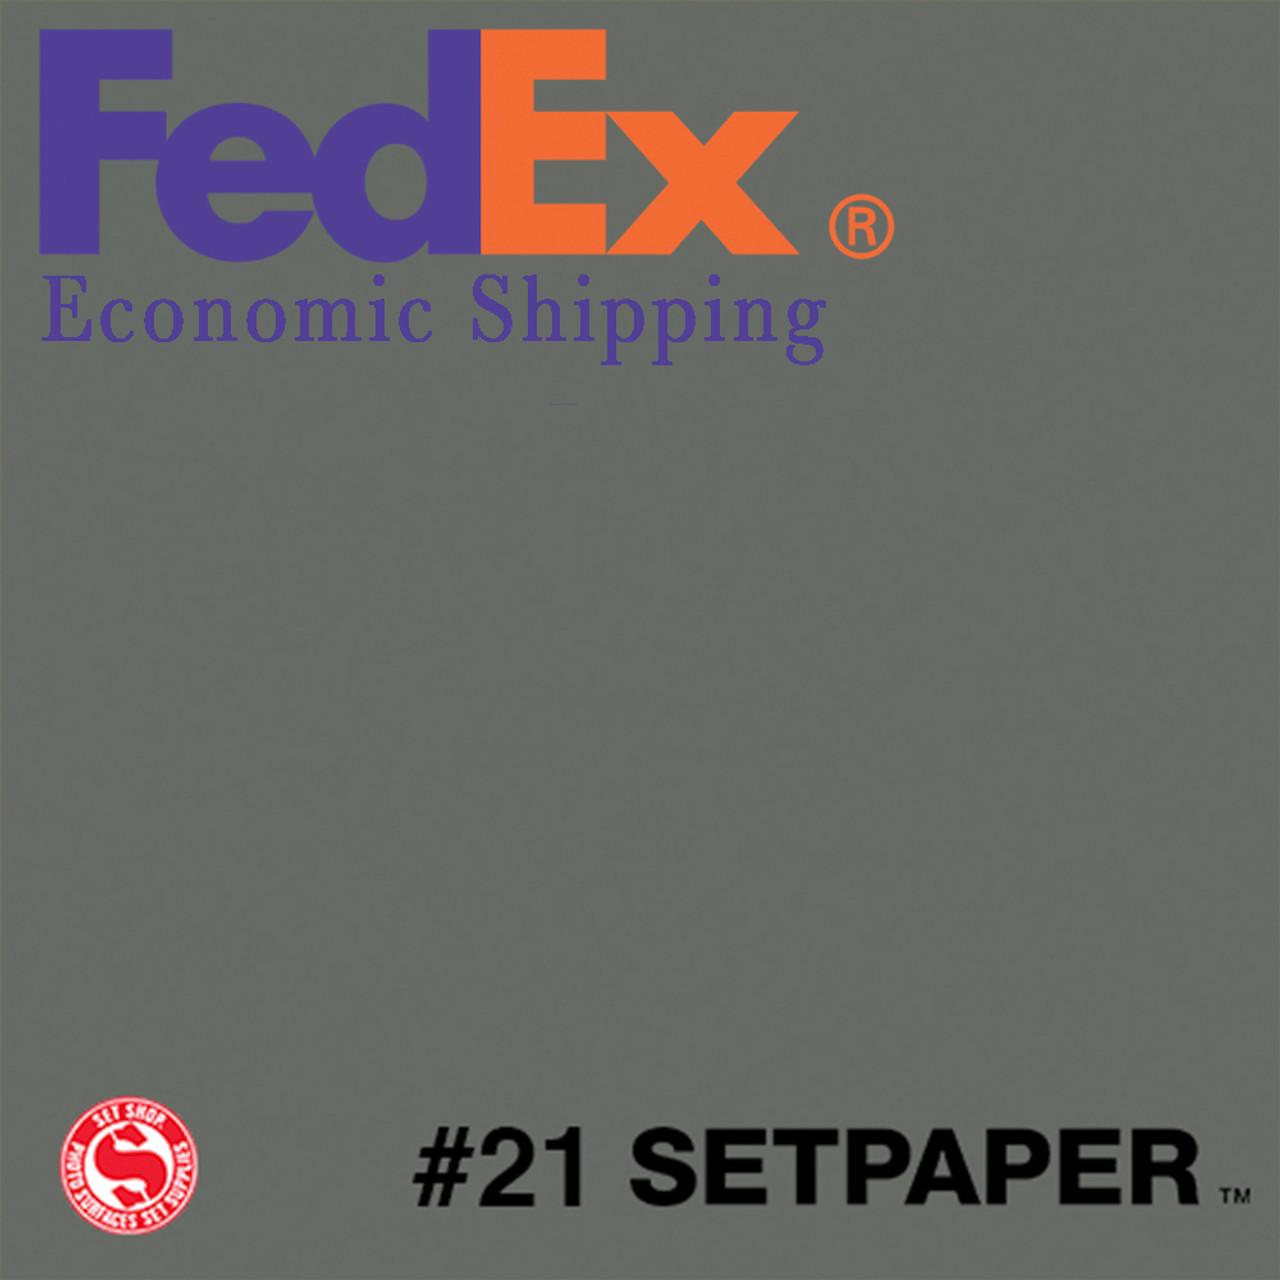 """(ECONOMIC SHIPPING) SETPAPER - DARK GREY 48"""" x 36' (1.3 x 11m)"""